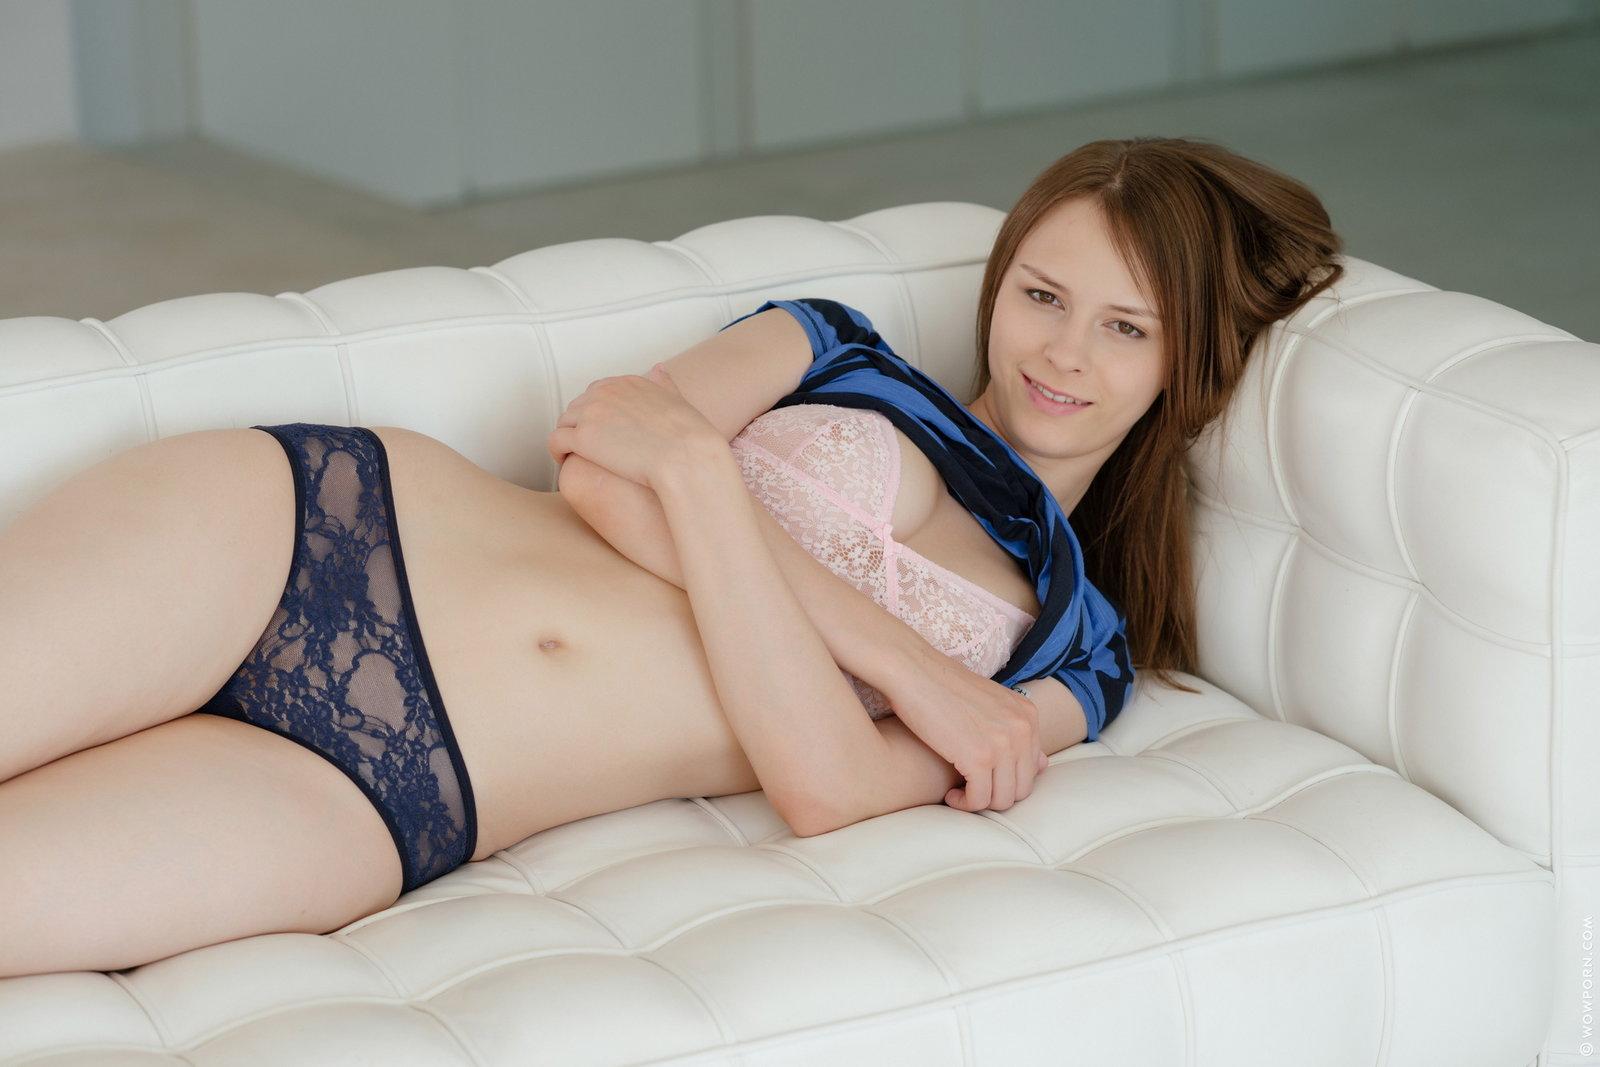 Zdjęcie porno - 0832 - Niunia rozbiera się na białej kanapie